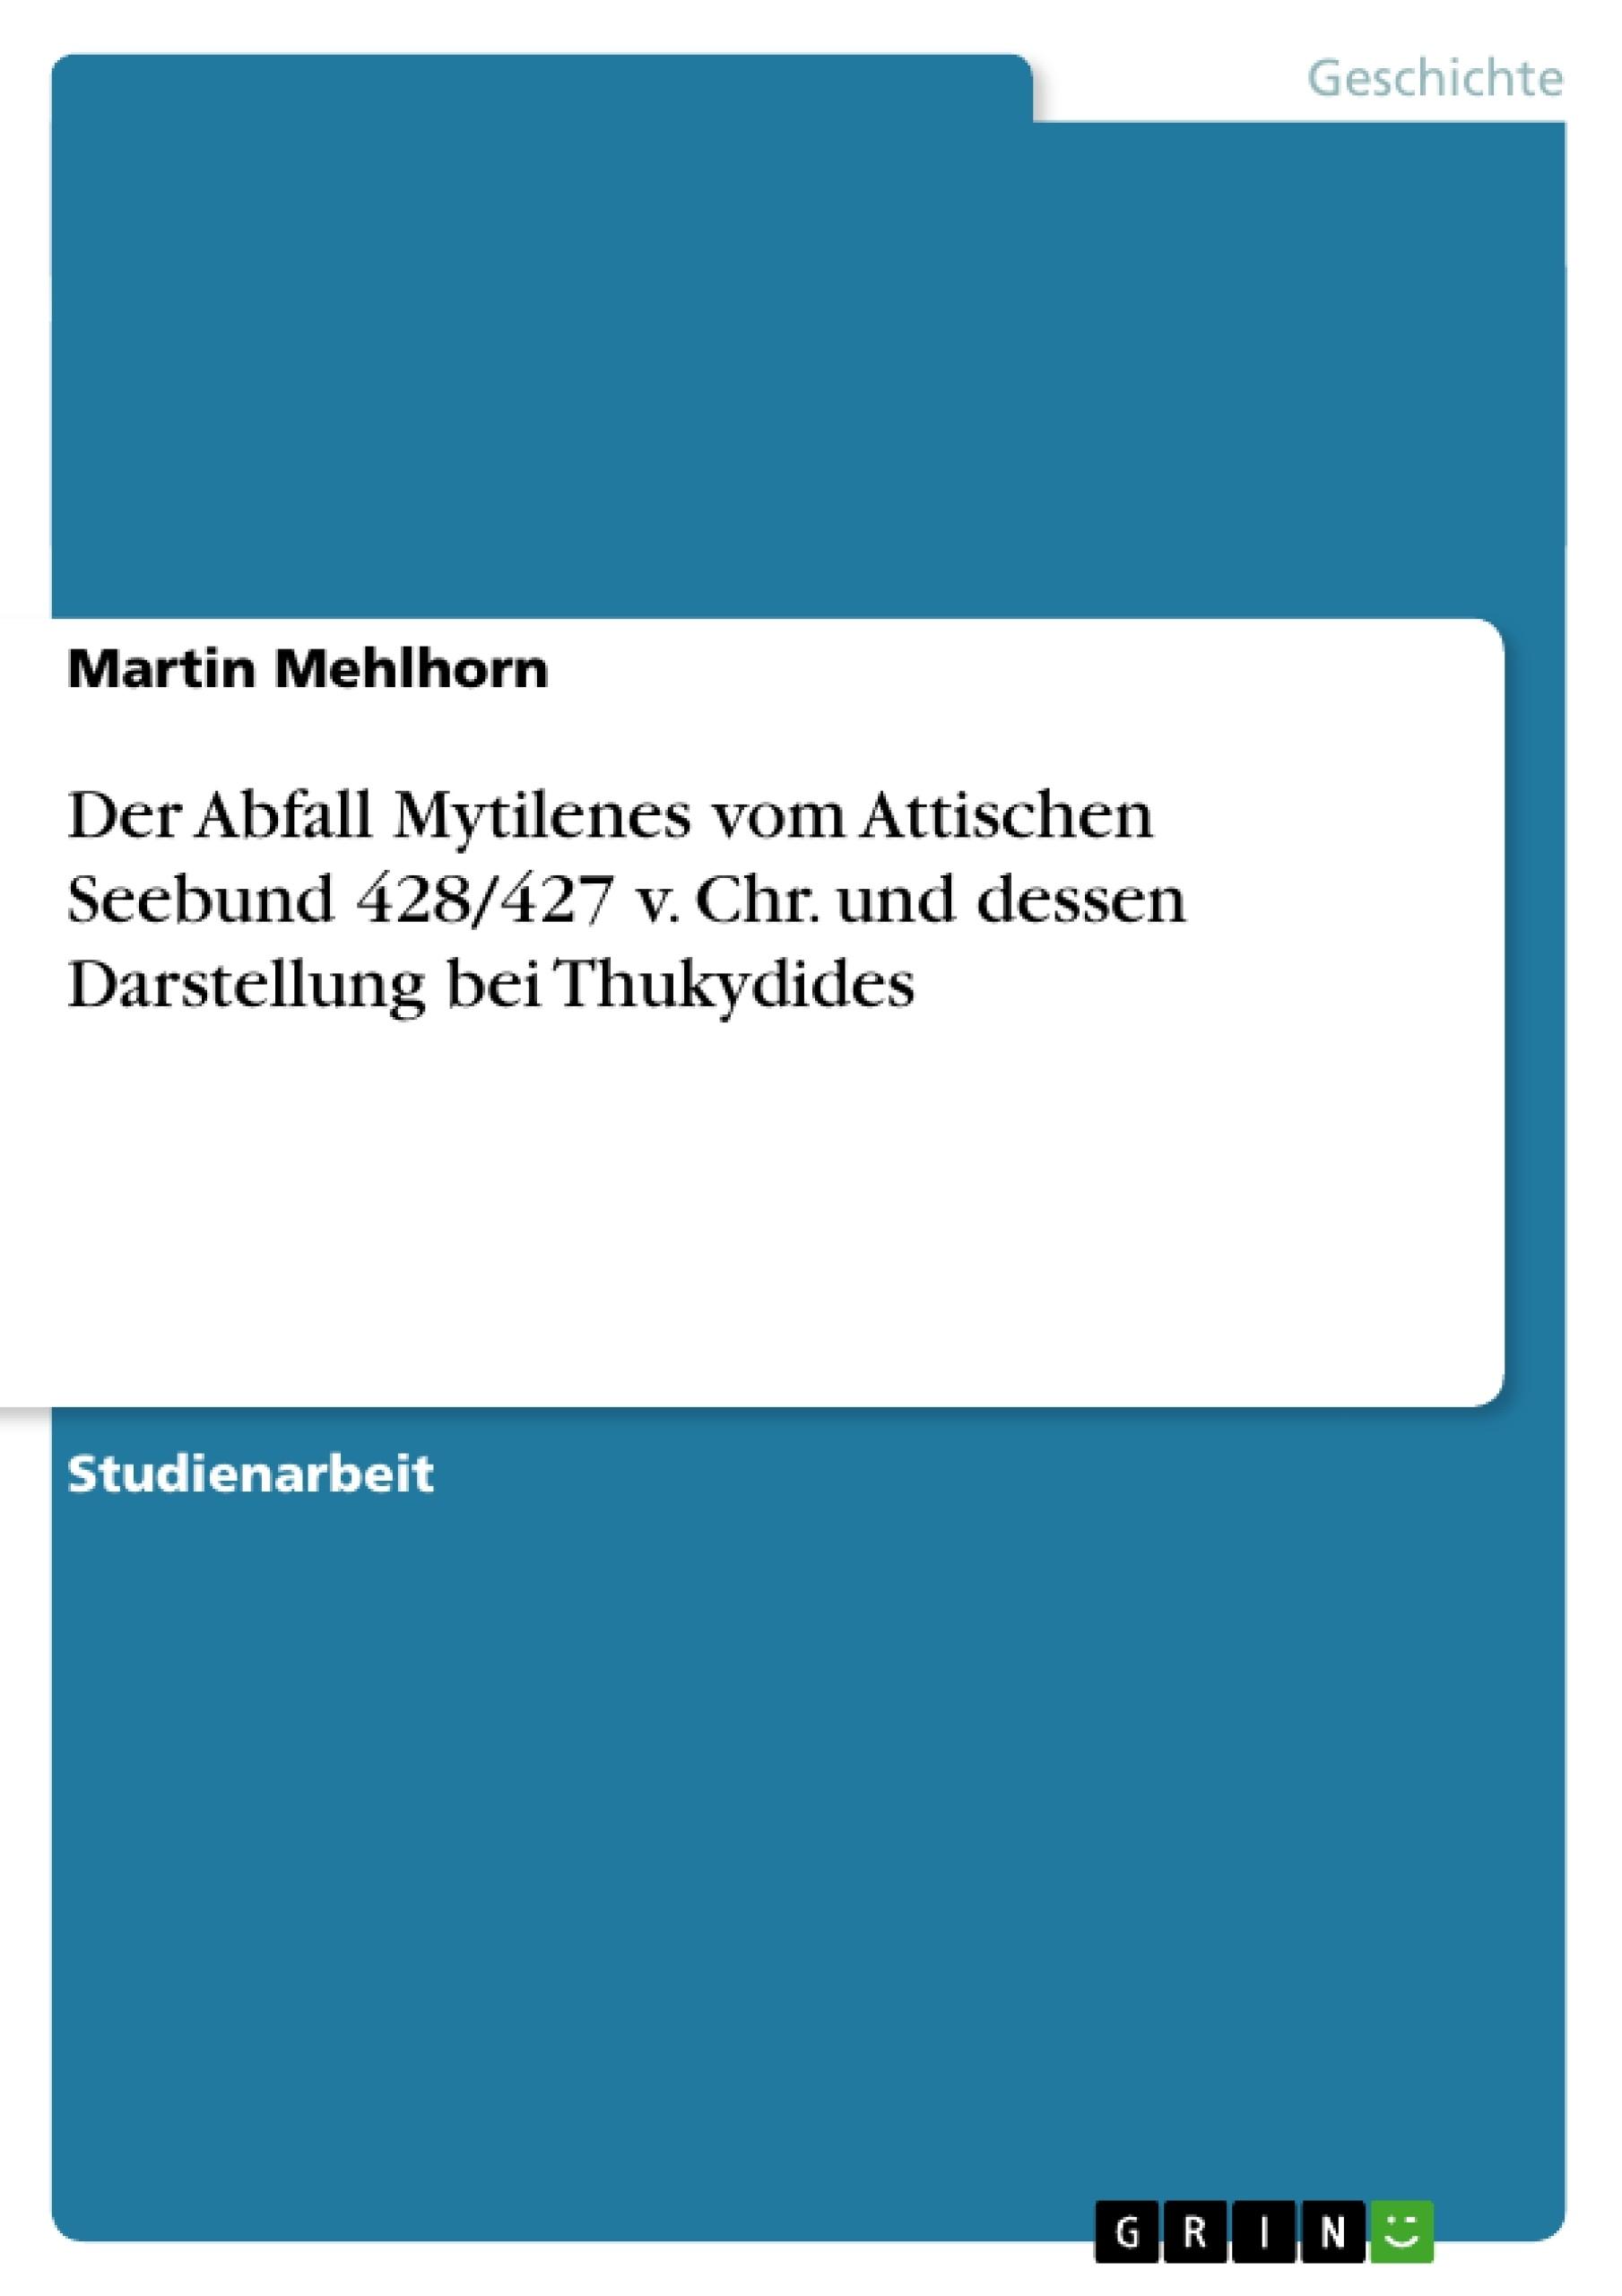 Titel: Der Abfall Mytilenes vom Attischen Seebund 428/427 v. Chr. und dessen Darstellung bei Thukydides